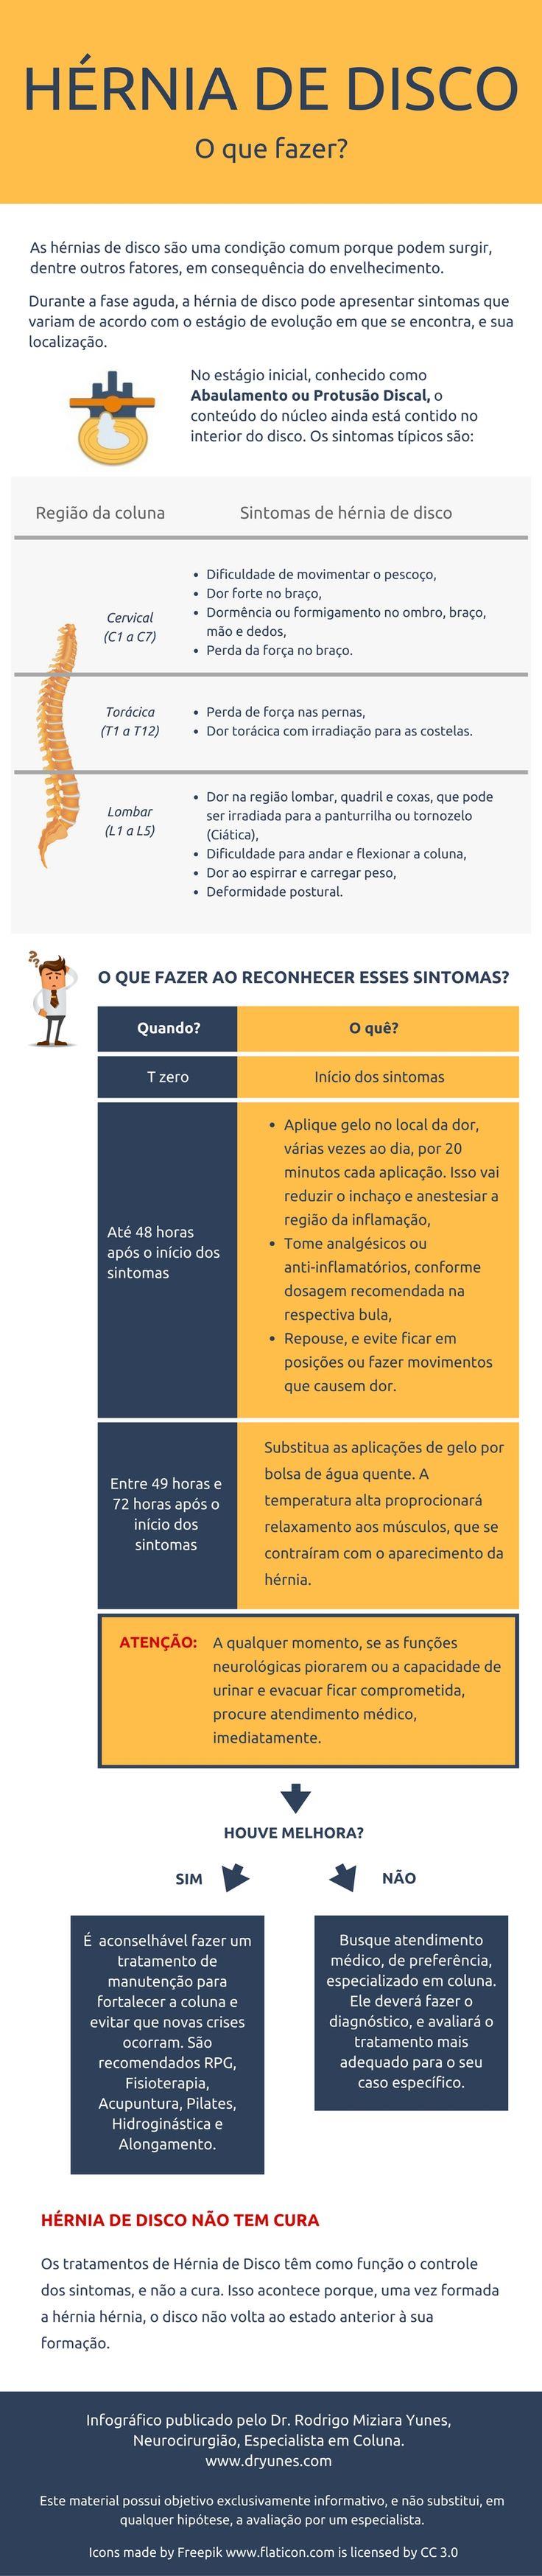 [Infográfico] Hérnia de disco: o que fazer? - Dr. Rodrigo Yunes